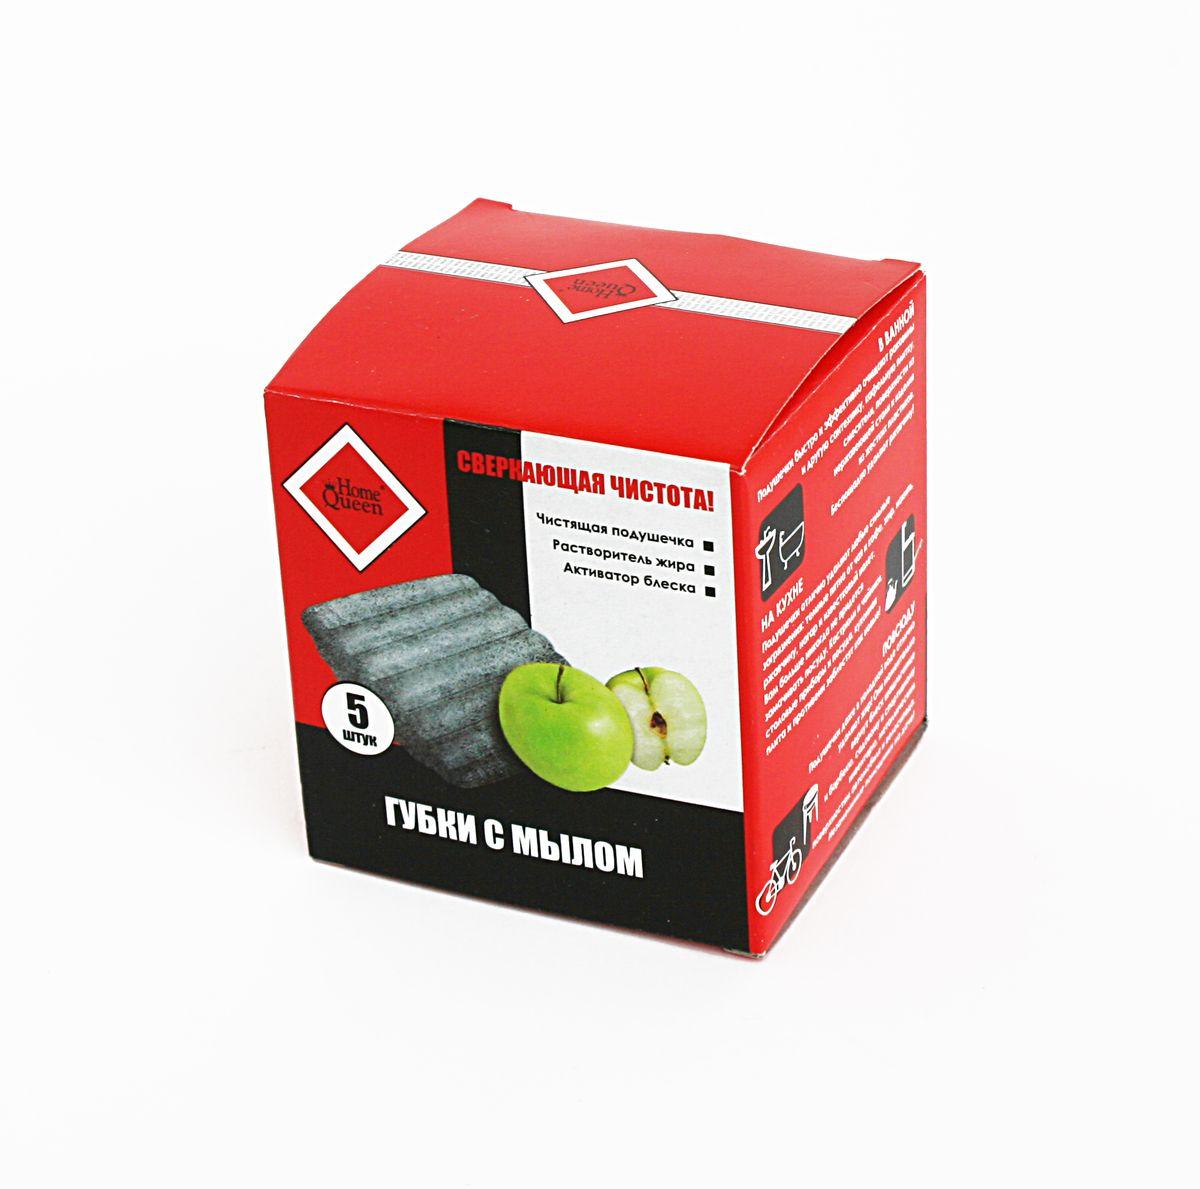 Губки с мылом Home Queen, ароматические, 5 шт41Губки с мылом Home Queen изготовлены из тончайшего стального волокна, пропитанного мыльным составом. Оптимальное сочетание чистящих и моющих компонентов позволяет моментально удалять ржавчину, жир, темный налет, накипь, нагар и другие сильные загрязнения. Мыло содержит тензиды, растворяющие жир, и пальмовое масло, которое заботится о ваших руках. Экологически чистый продукт. Его чистящие и моющие компоненты разлагаются биологическим путем. Не содержит фосфатов.Подушечки быстро и эффективно очищают раковины и другую сантехнику, кафельную плитку, смесители, поверхности из нержавеющей стали и изделия из жестких пластиков.Подушечки даже в холодной воде отлично удаляют жир. Они моментально вернут блеск шашлычнице и барбекю, садовому инвентарю, металлическим поверхностям автомобиля и велосипеда. Незаменимые помощники на даче.Состав: ультратонкое стальное волокно, мыло, пальмовое масло, ароматические вещества. Комплектация: 5 шт. Уважаемые клиенты! Обращаем ваше внимание на ассортимент продукции. Поставка осуществляется в зависимости от наличия на складе.BR>Уважаемые клиенты!Обращаем ваше внимание на возможные изменения в дизайне упаковки. Качественные характеристики товара остаются неизменными. Поставка осуществляется в зависимости от наличия на складе.